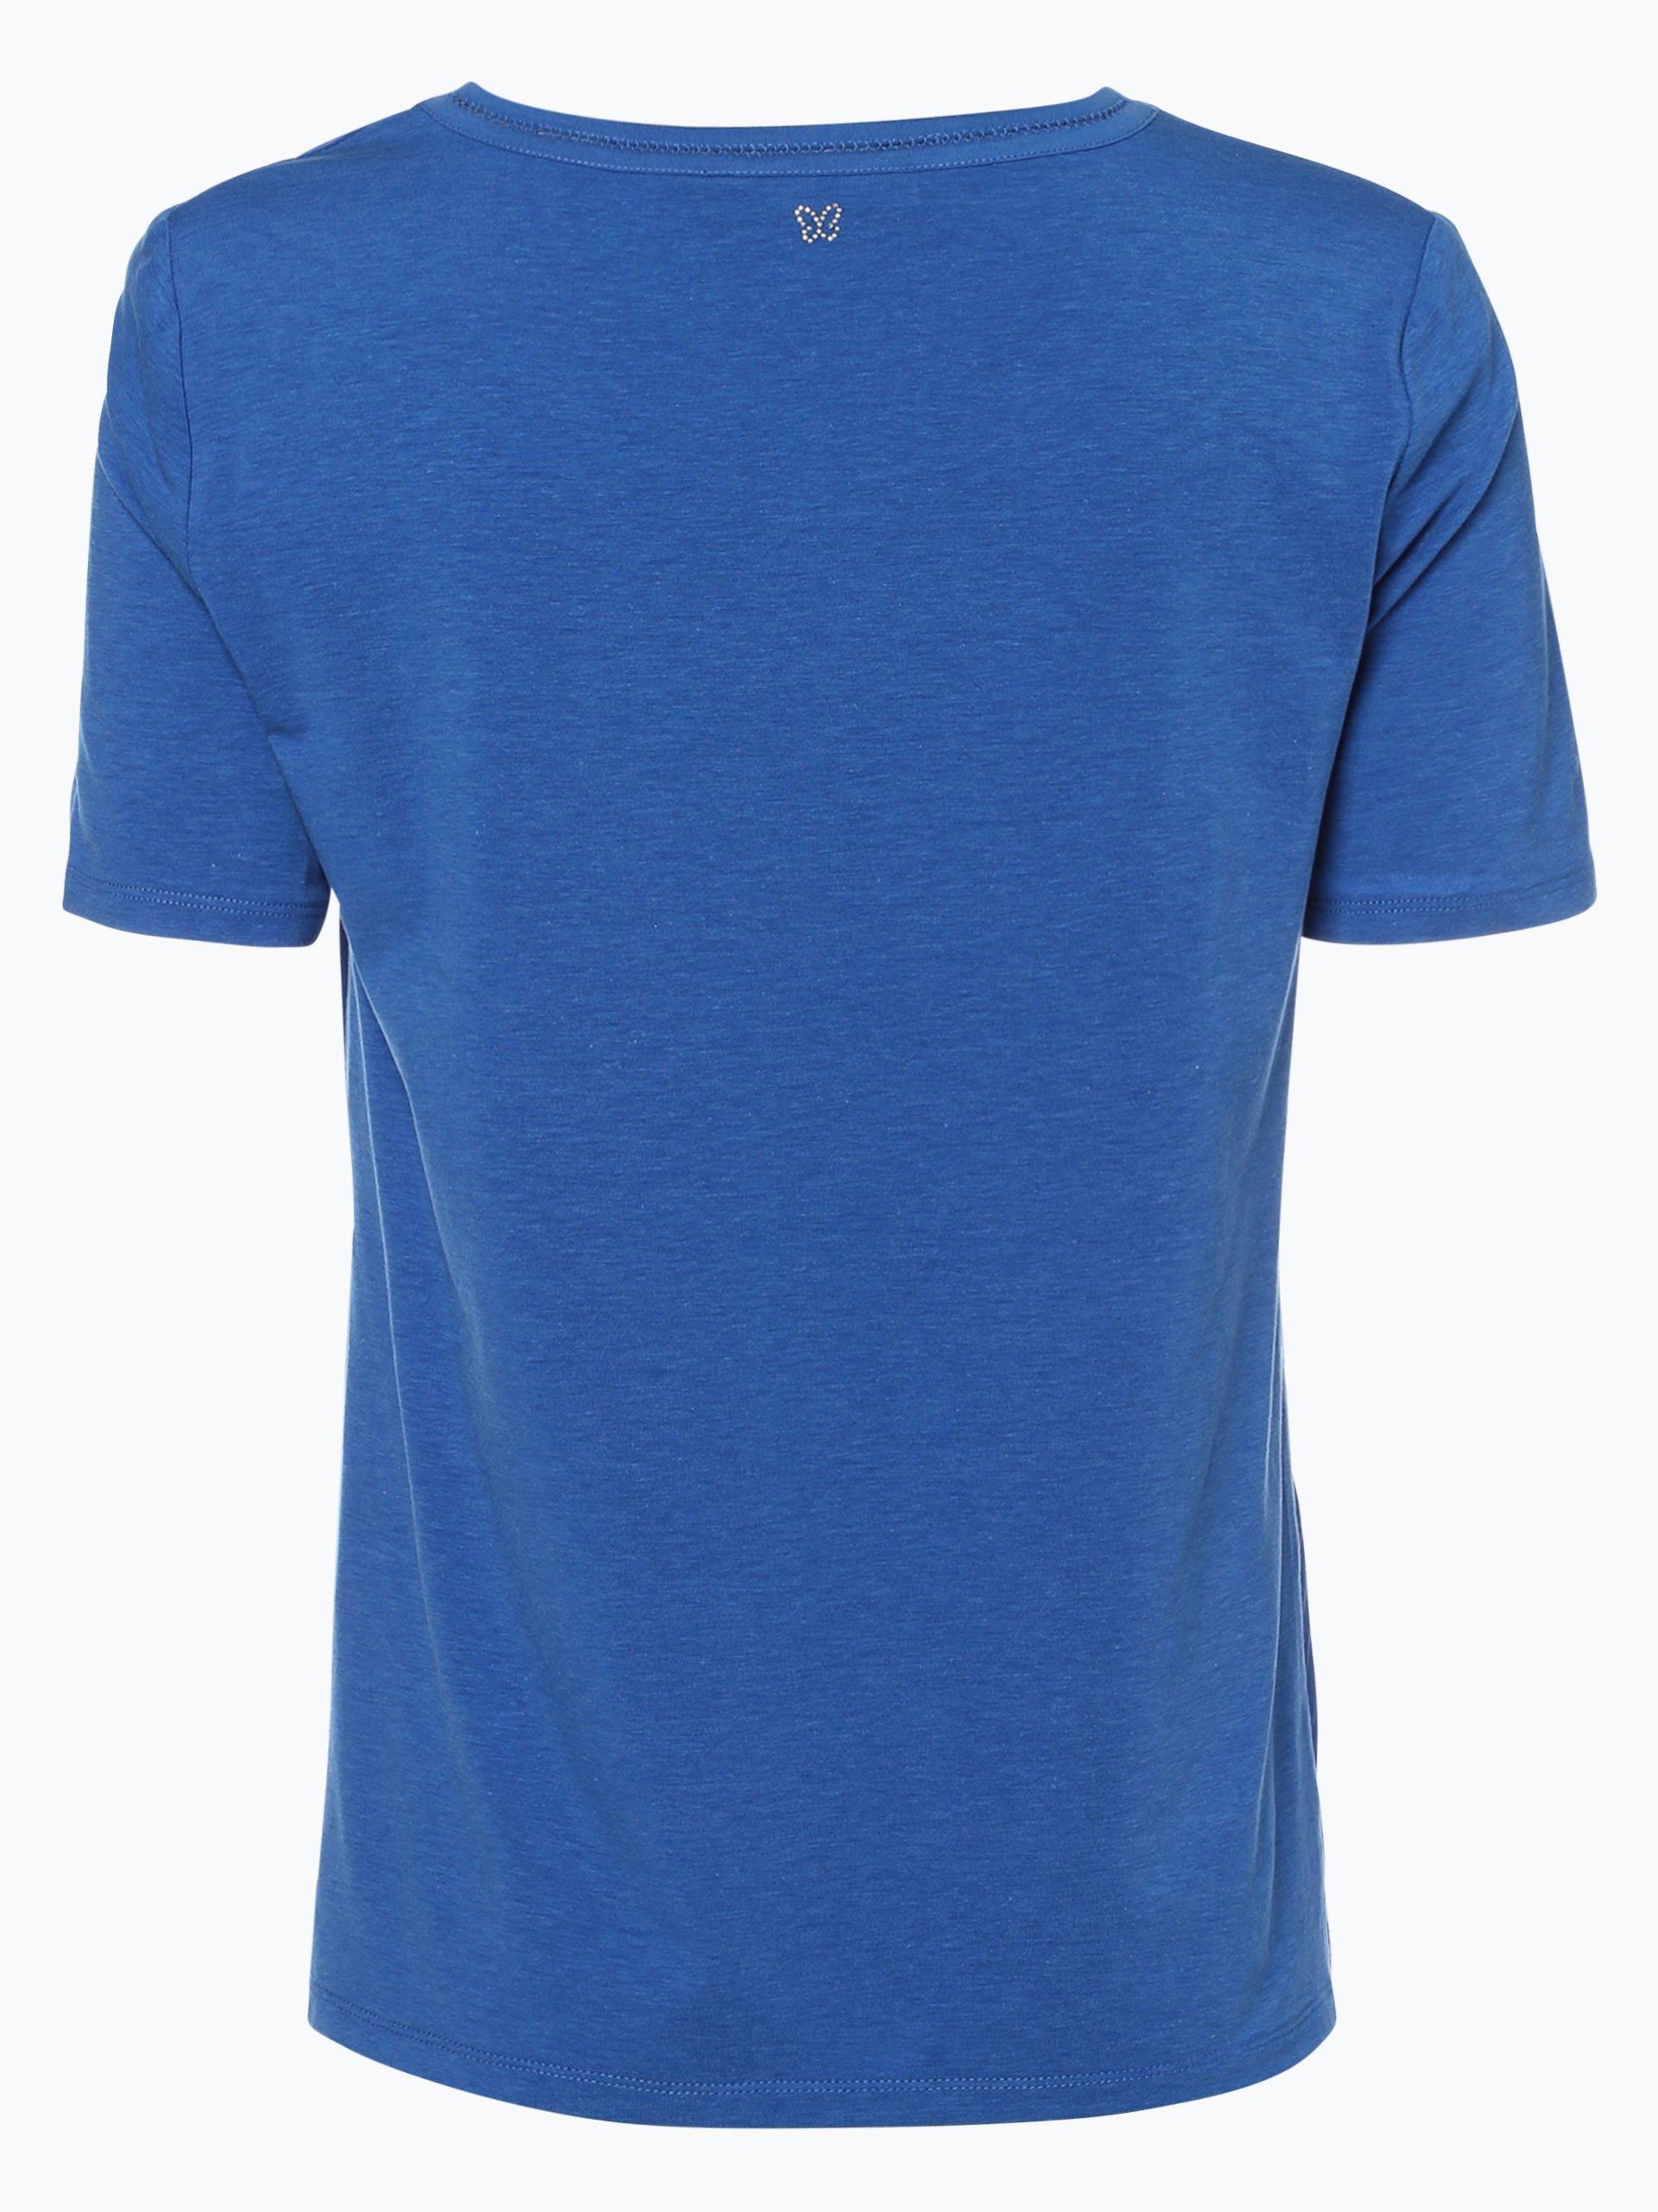 Weekend MaxMara T-shirt damski z dodatkiem jedwabiu